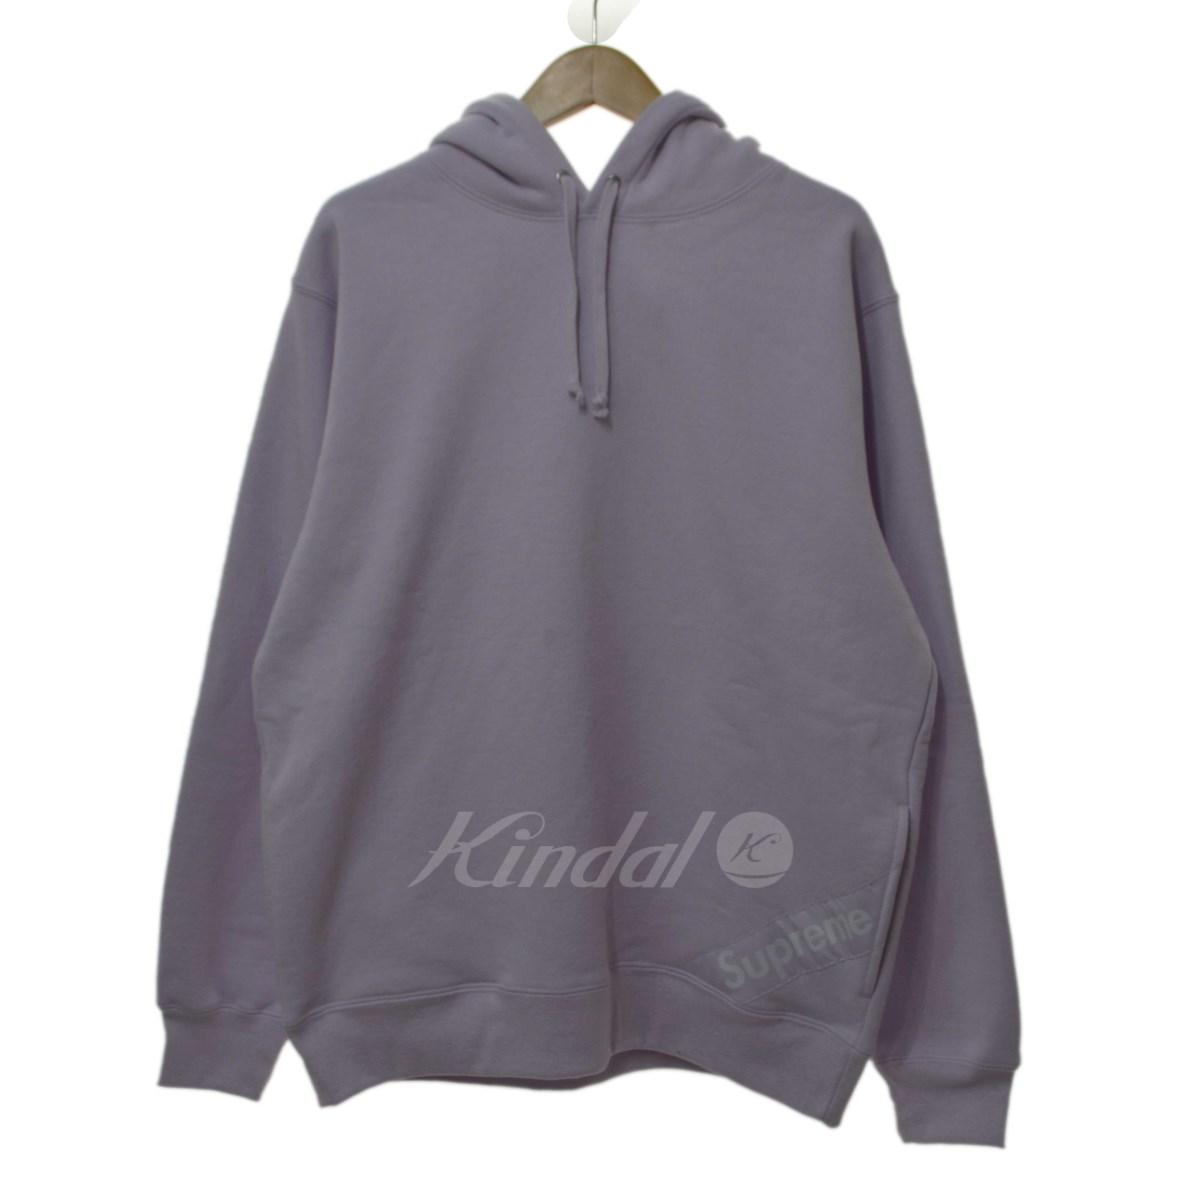 ー品販売  【中古】SUPREME 2018SS Corner Label【013451】 Hooded Sweatshirts【送料無料 Corner Label】【013451】【銅】, モバイルランド:68d19905 --- portalitab2.dominiotemporario.com